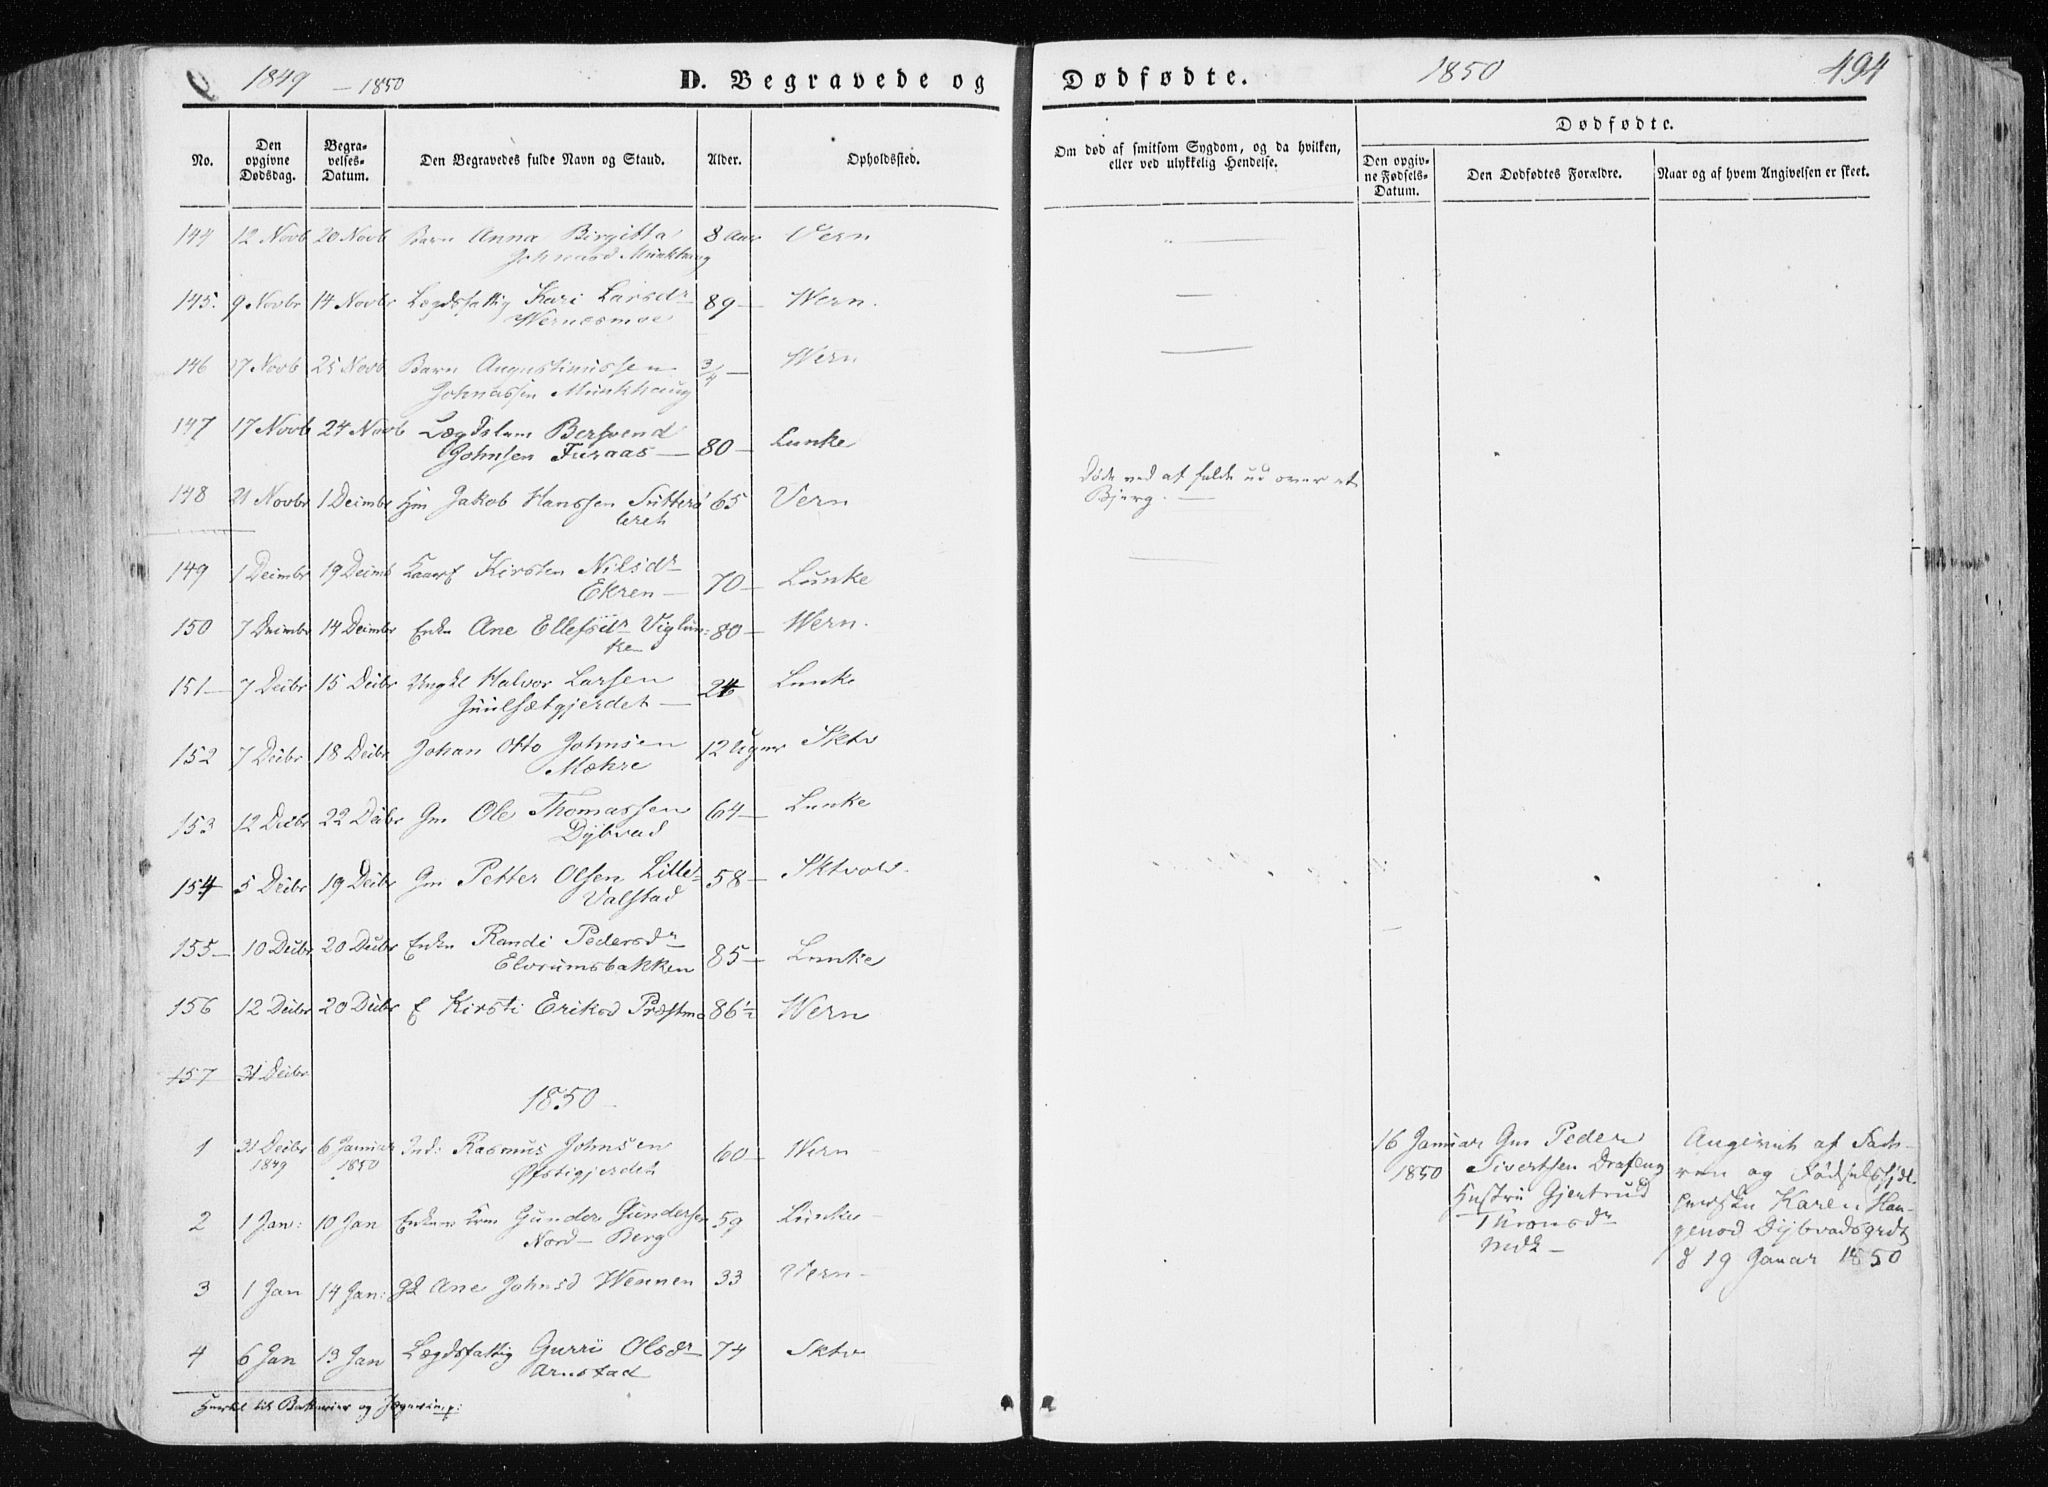 SAT, Ministerialprotokoller, klokkerbøker og fødselsregistre - Nord-Trøndelag, 709/L0074: Ministerialbok nr. 709A14, 1845-1858, s. 494